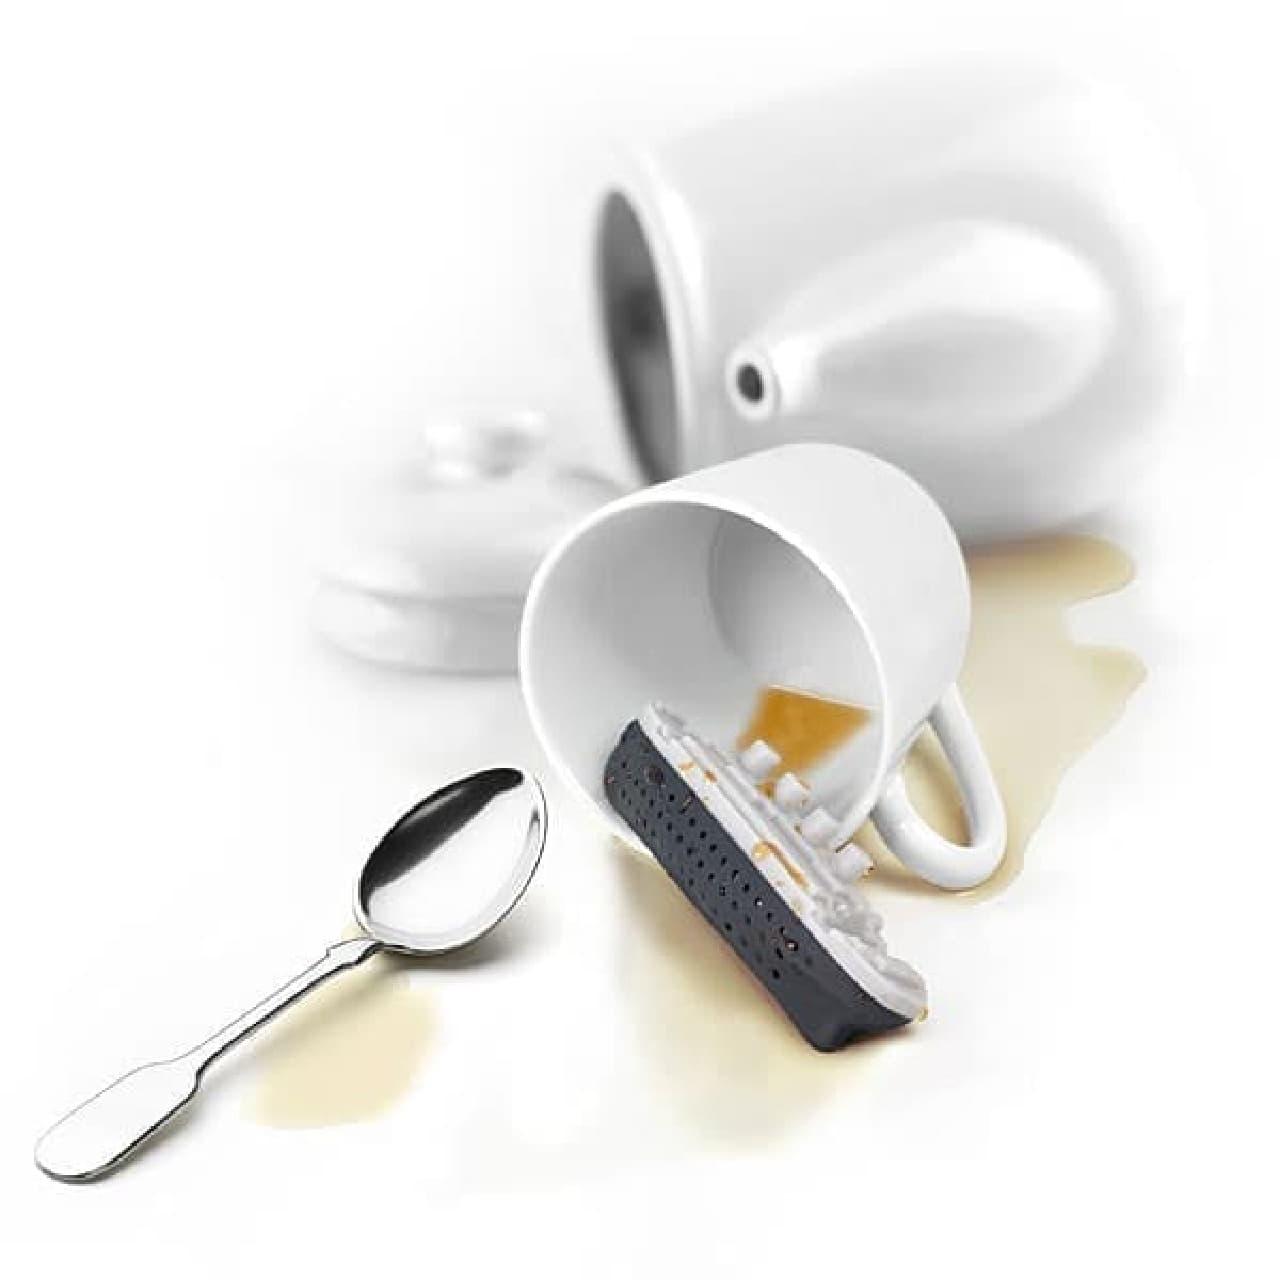 Teatanic の利用で引き起こされる最悪の事態  これはこれで、結構悲惨かも?